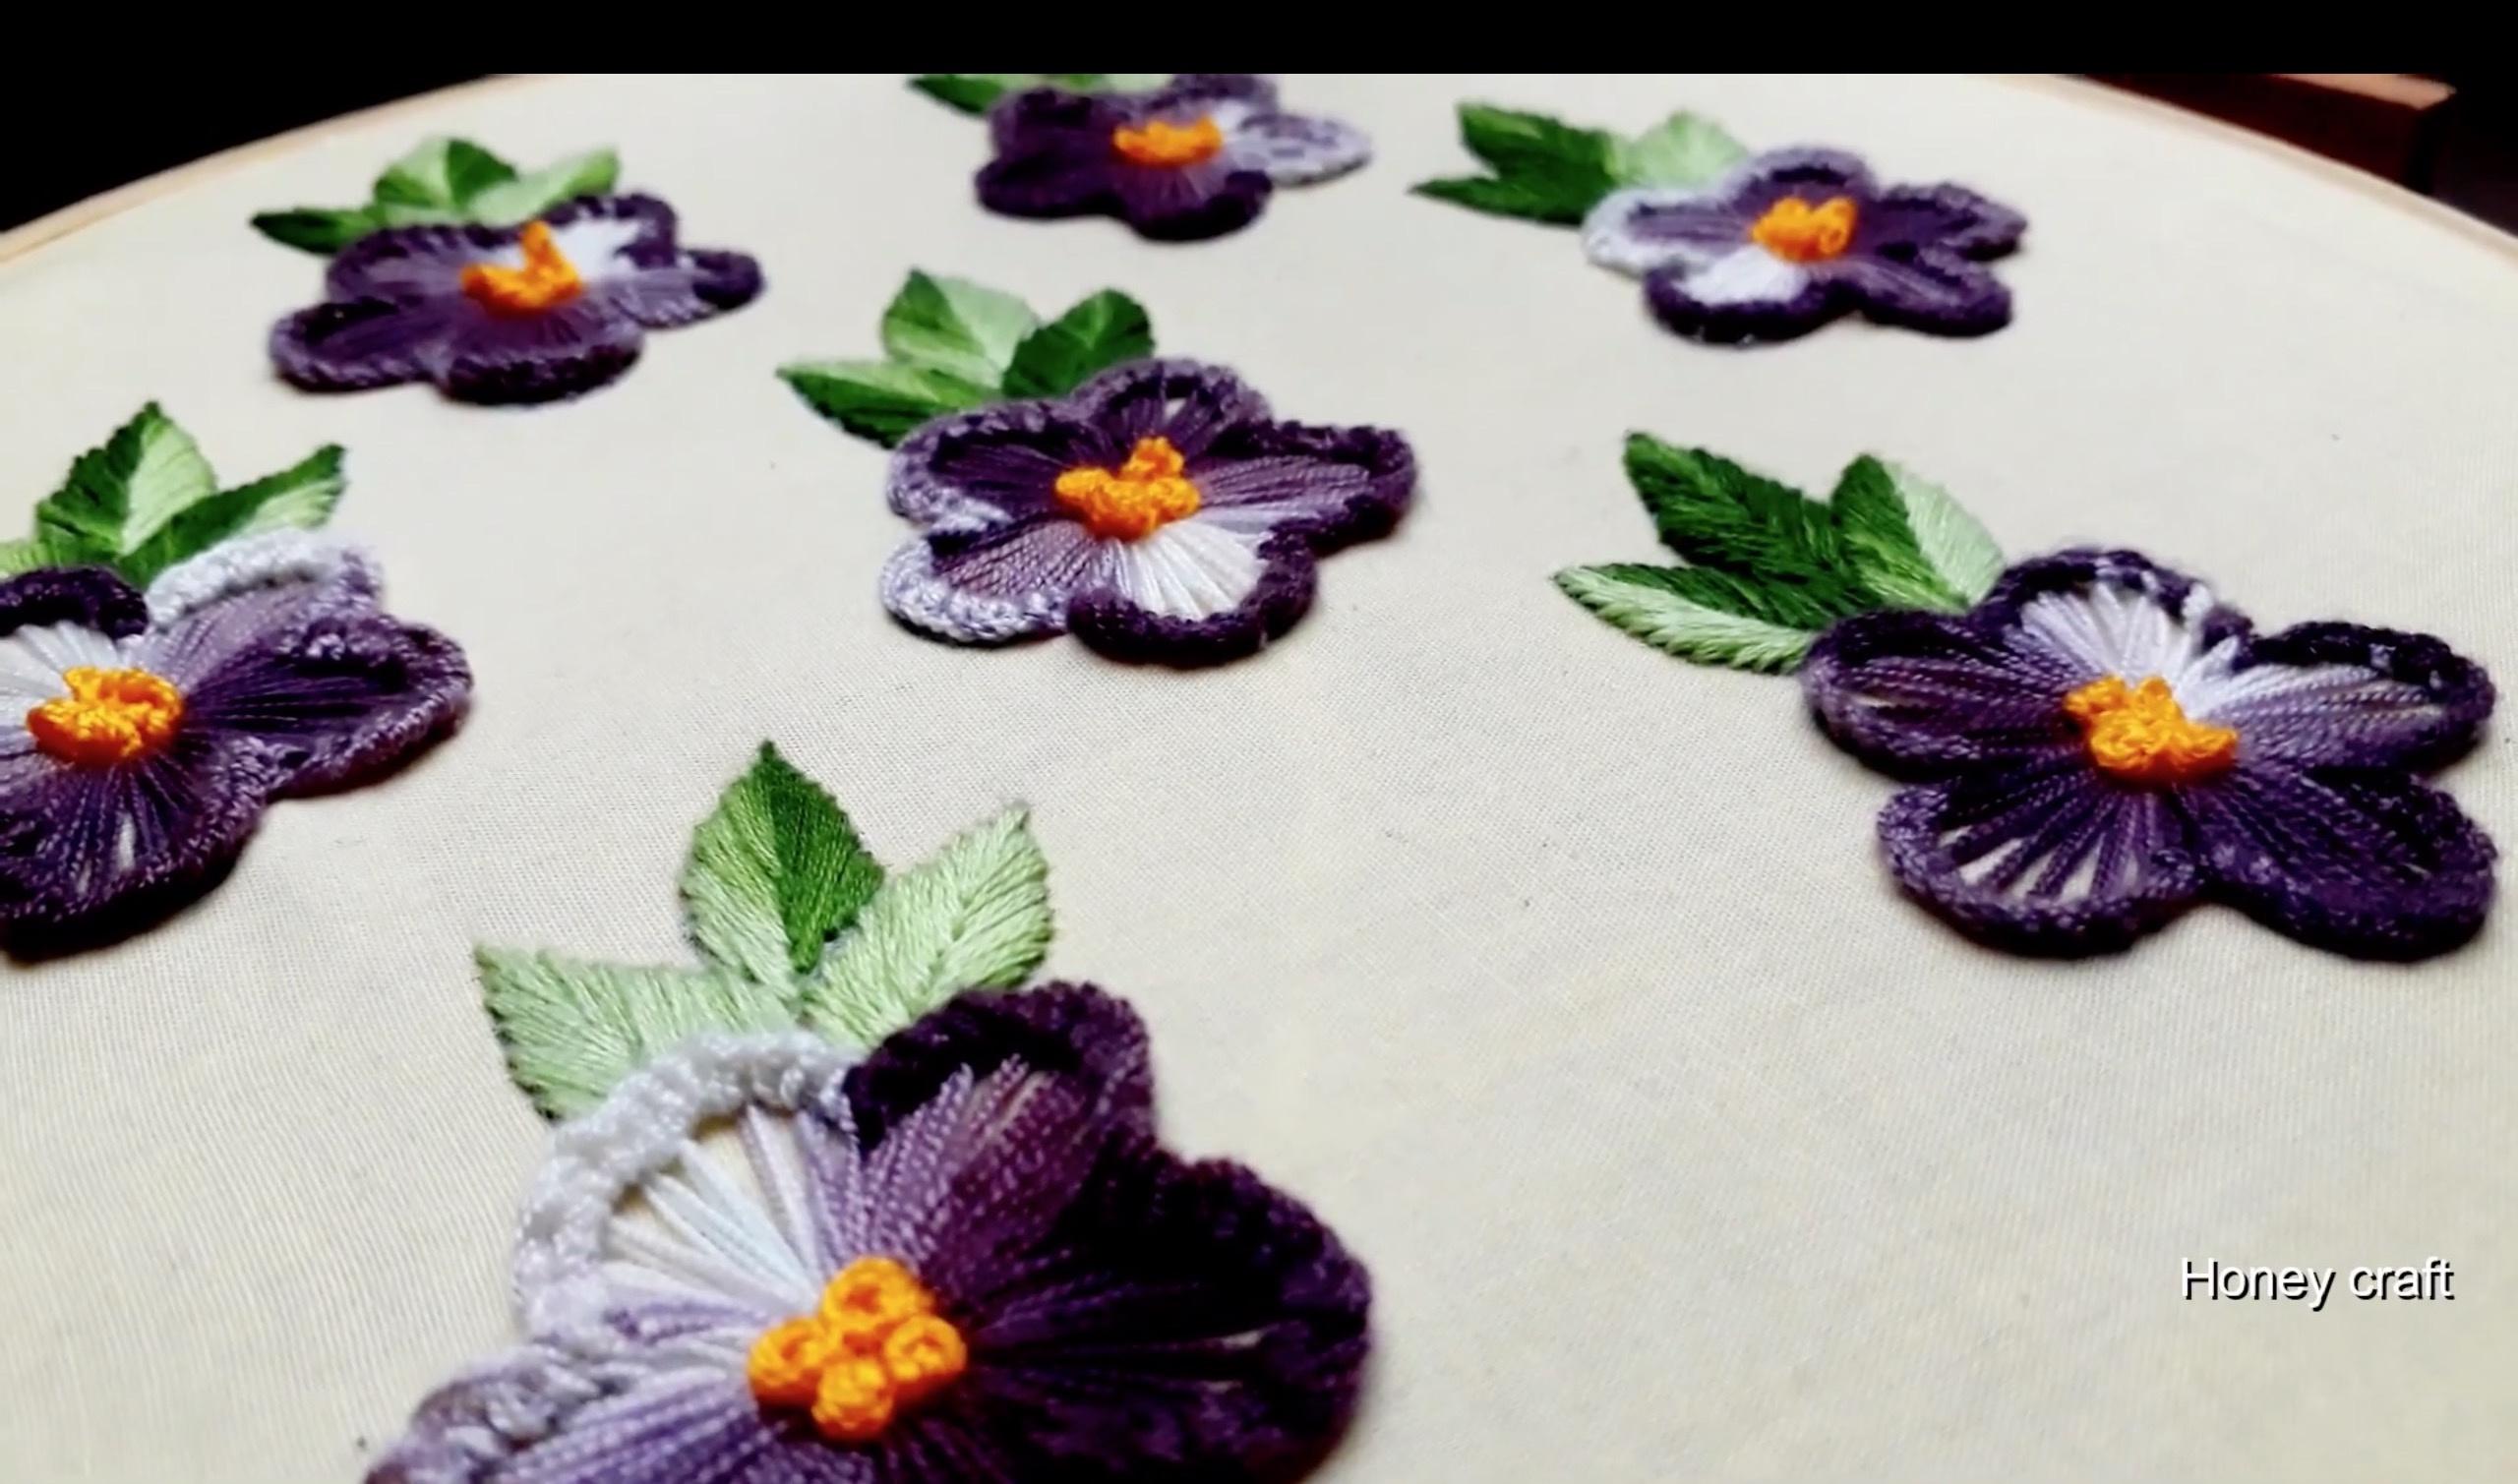 手工刺绣视频教程:手绘清新立体的花卉